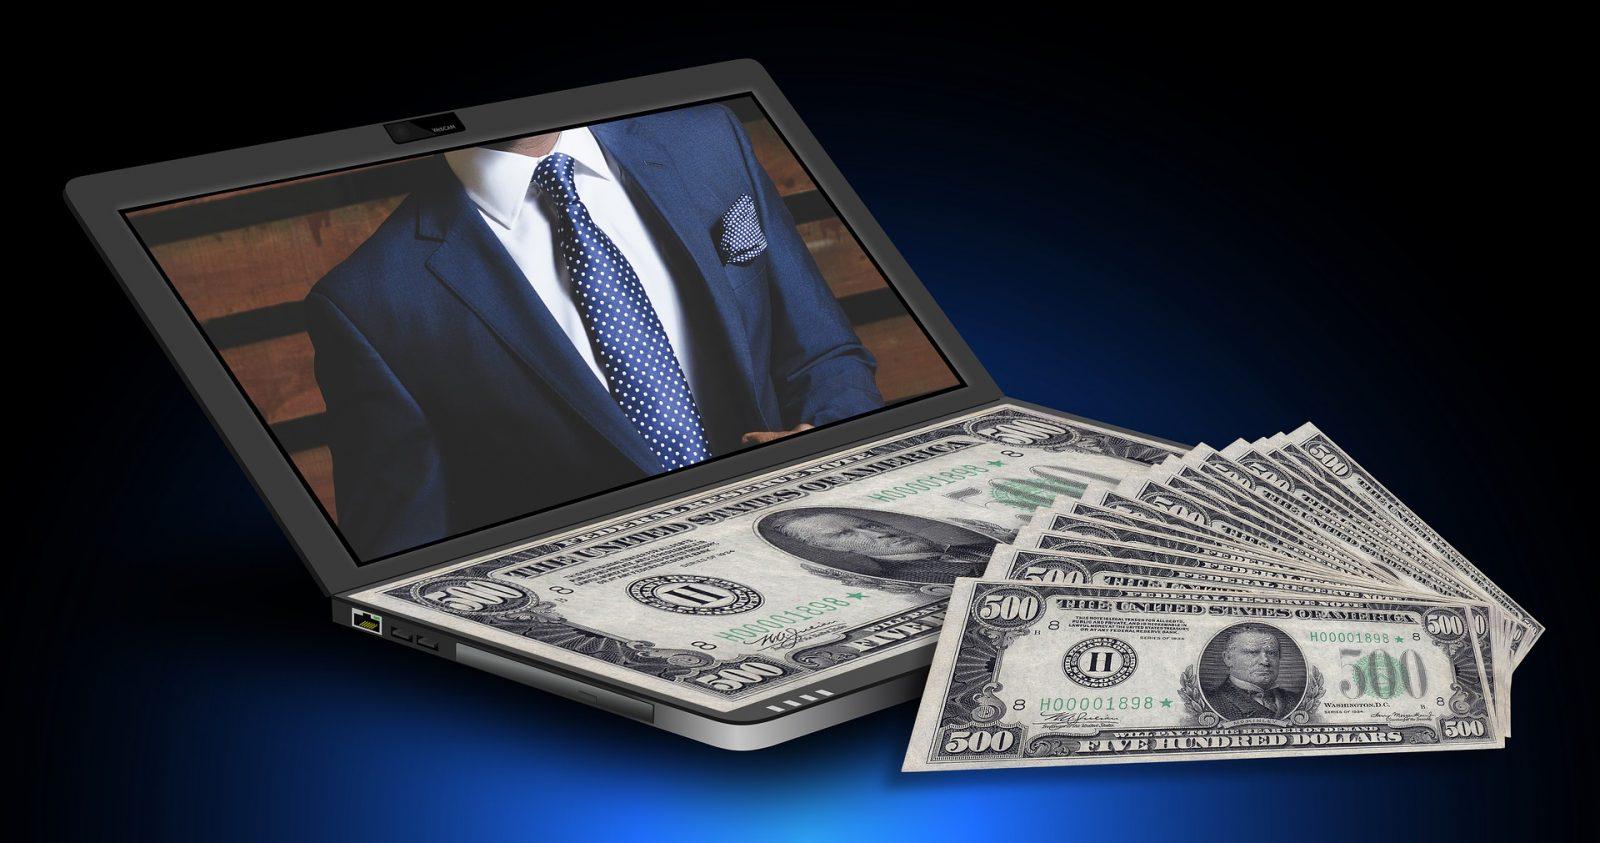 الربح من الإنترنت 6 طرق لربح حقيقي بعرق جبينك